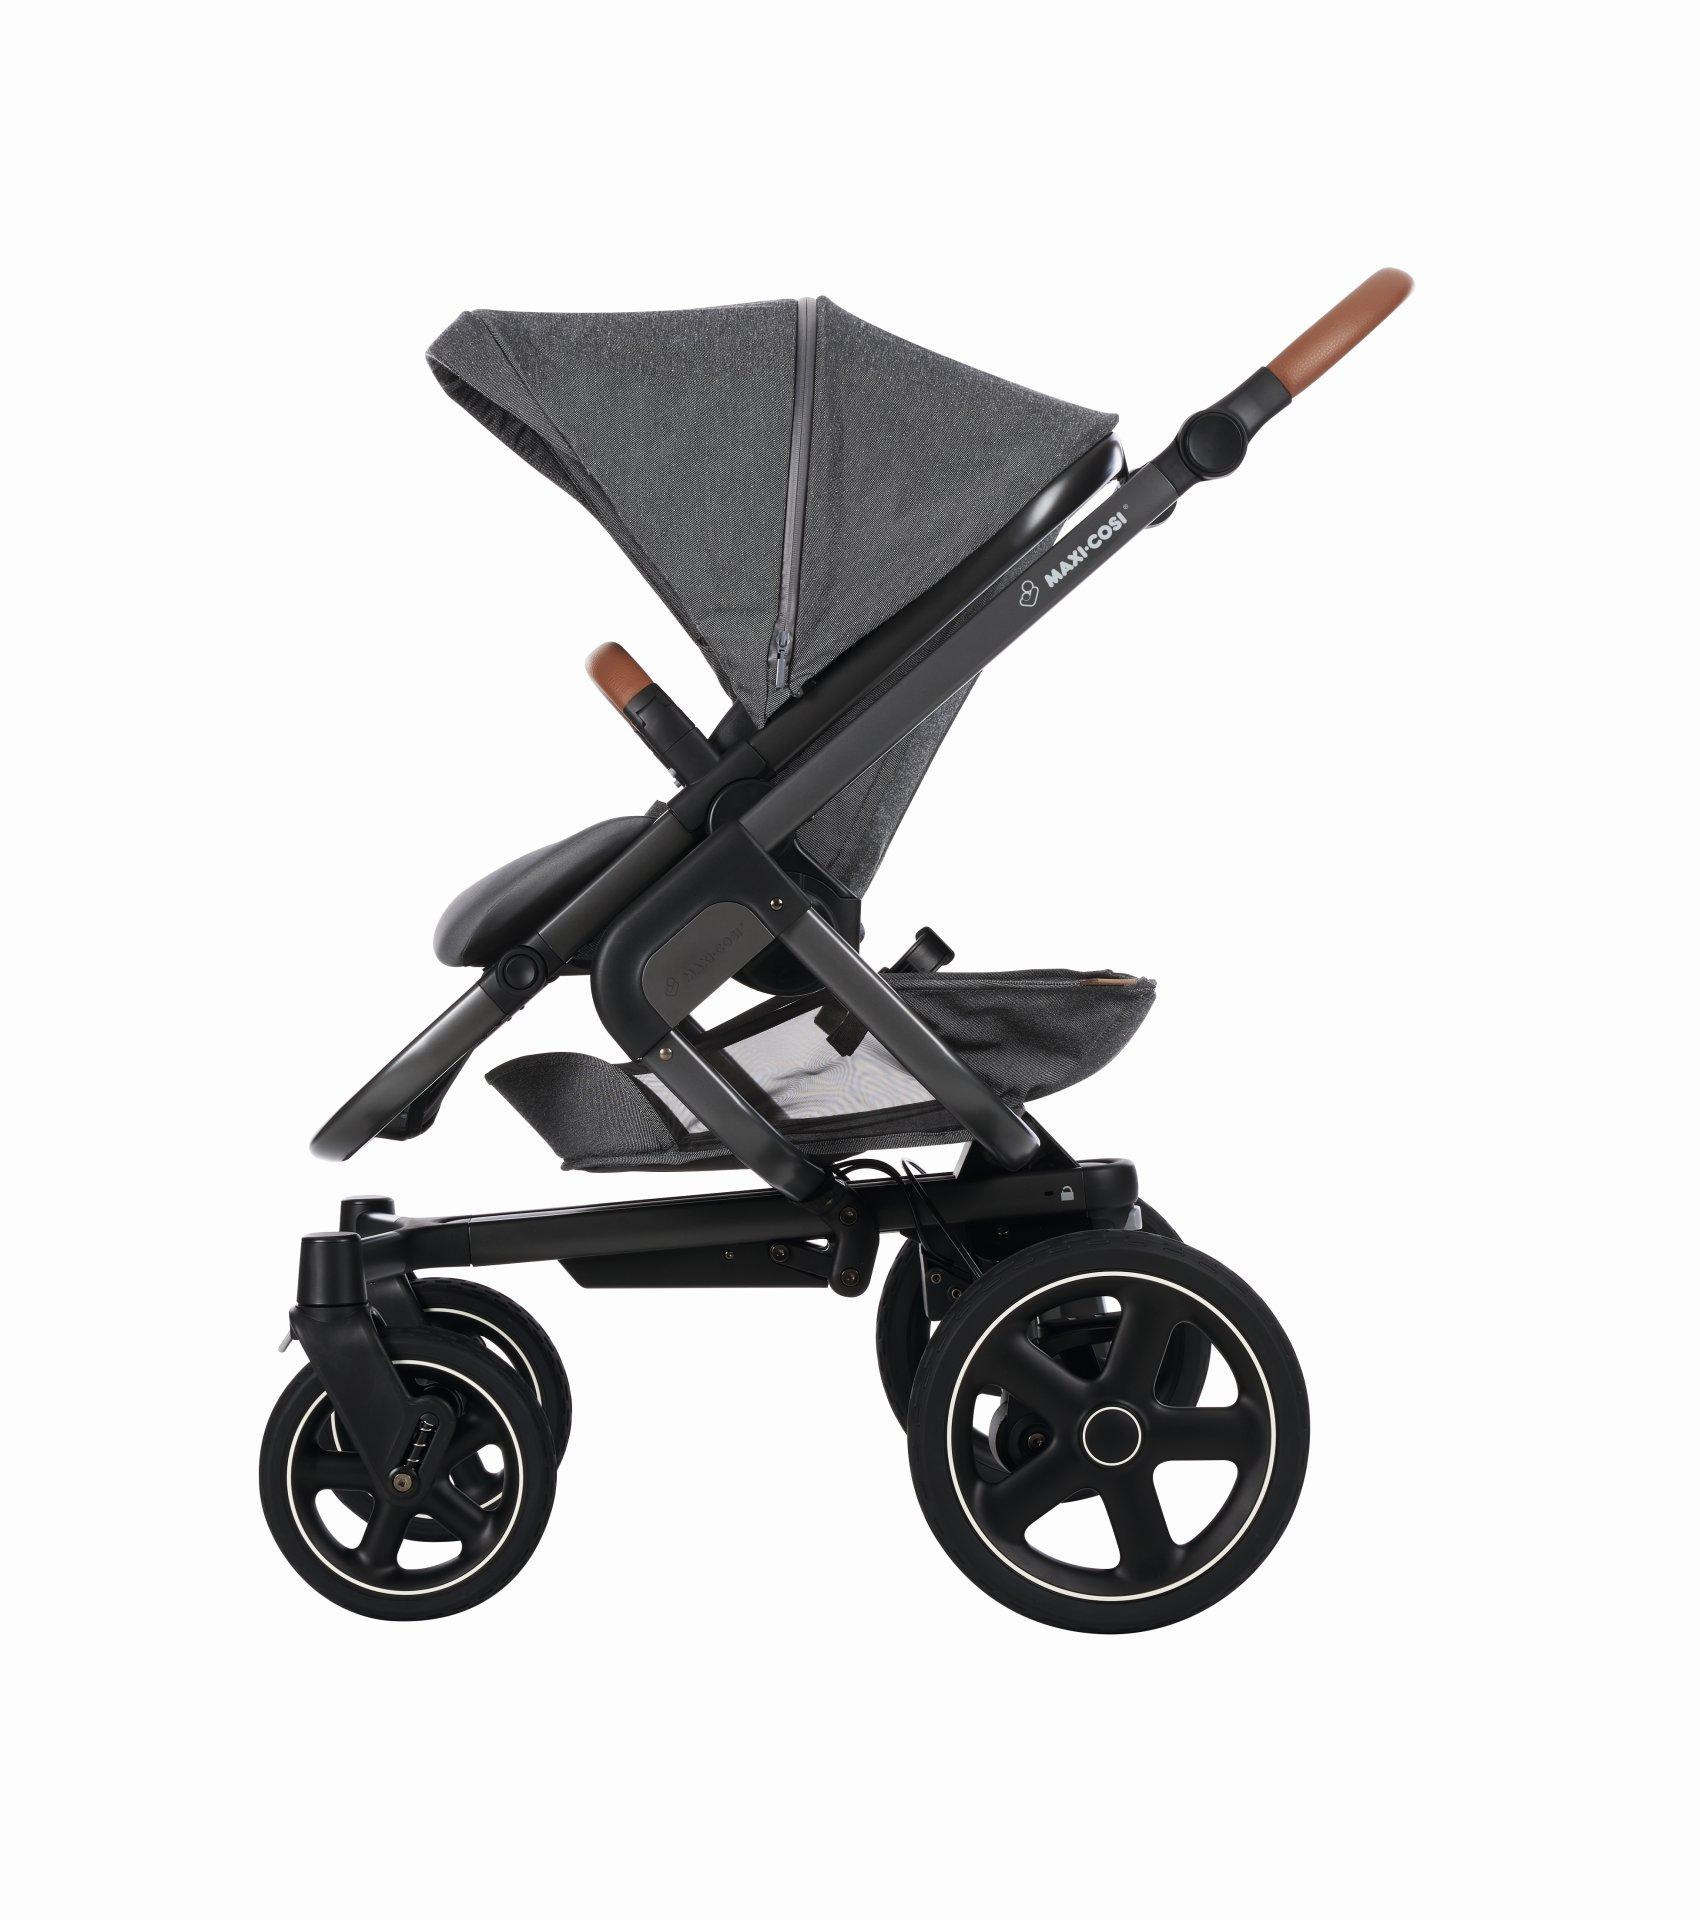 poussette maxi cosi nova 4 roues 2018 sparkling grey acheter sur kidsroom poussettes. Black Bedroom Furniture Sets. Home Design Ideas